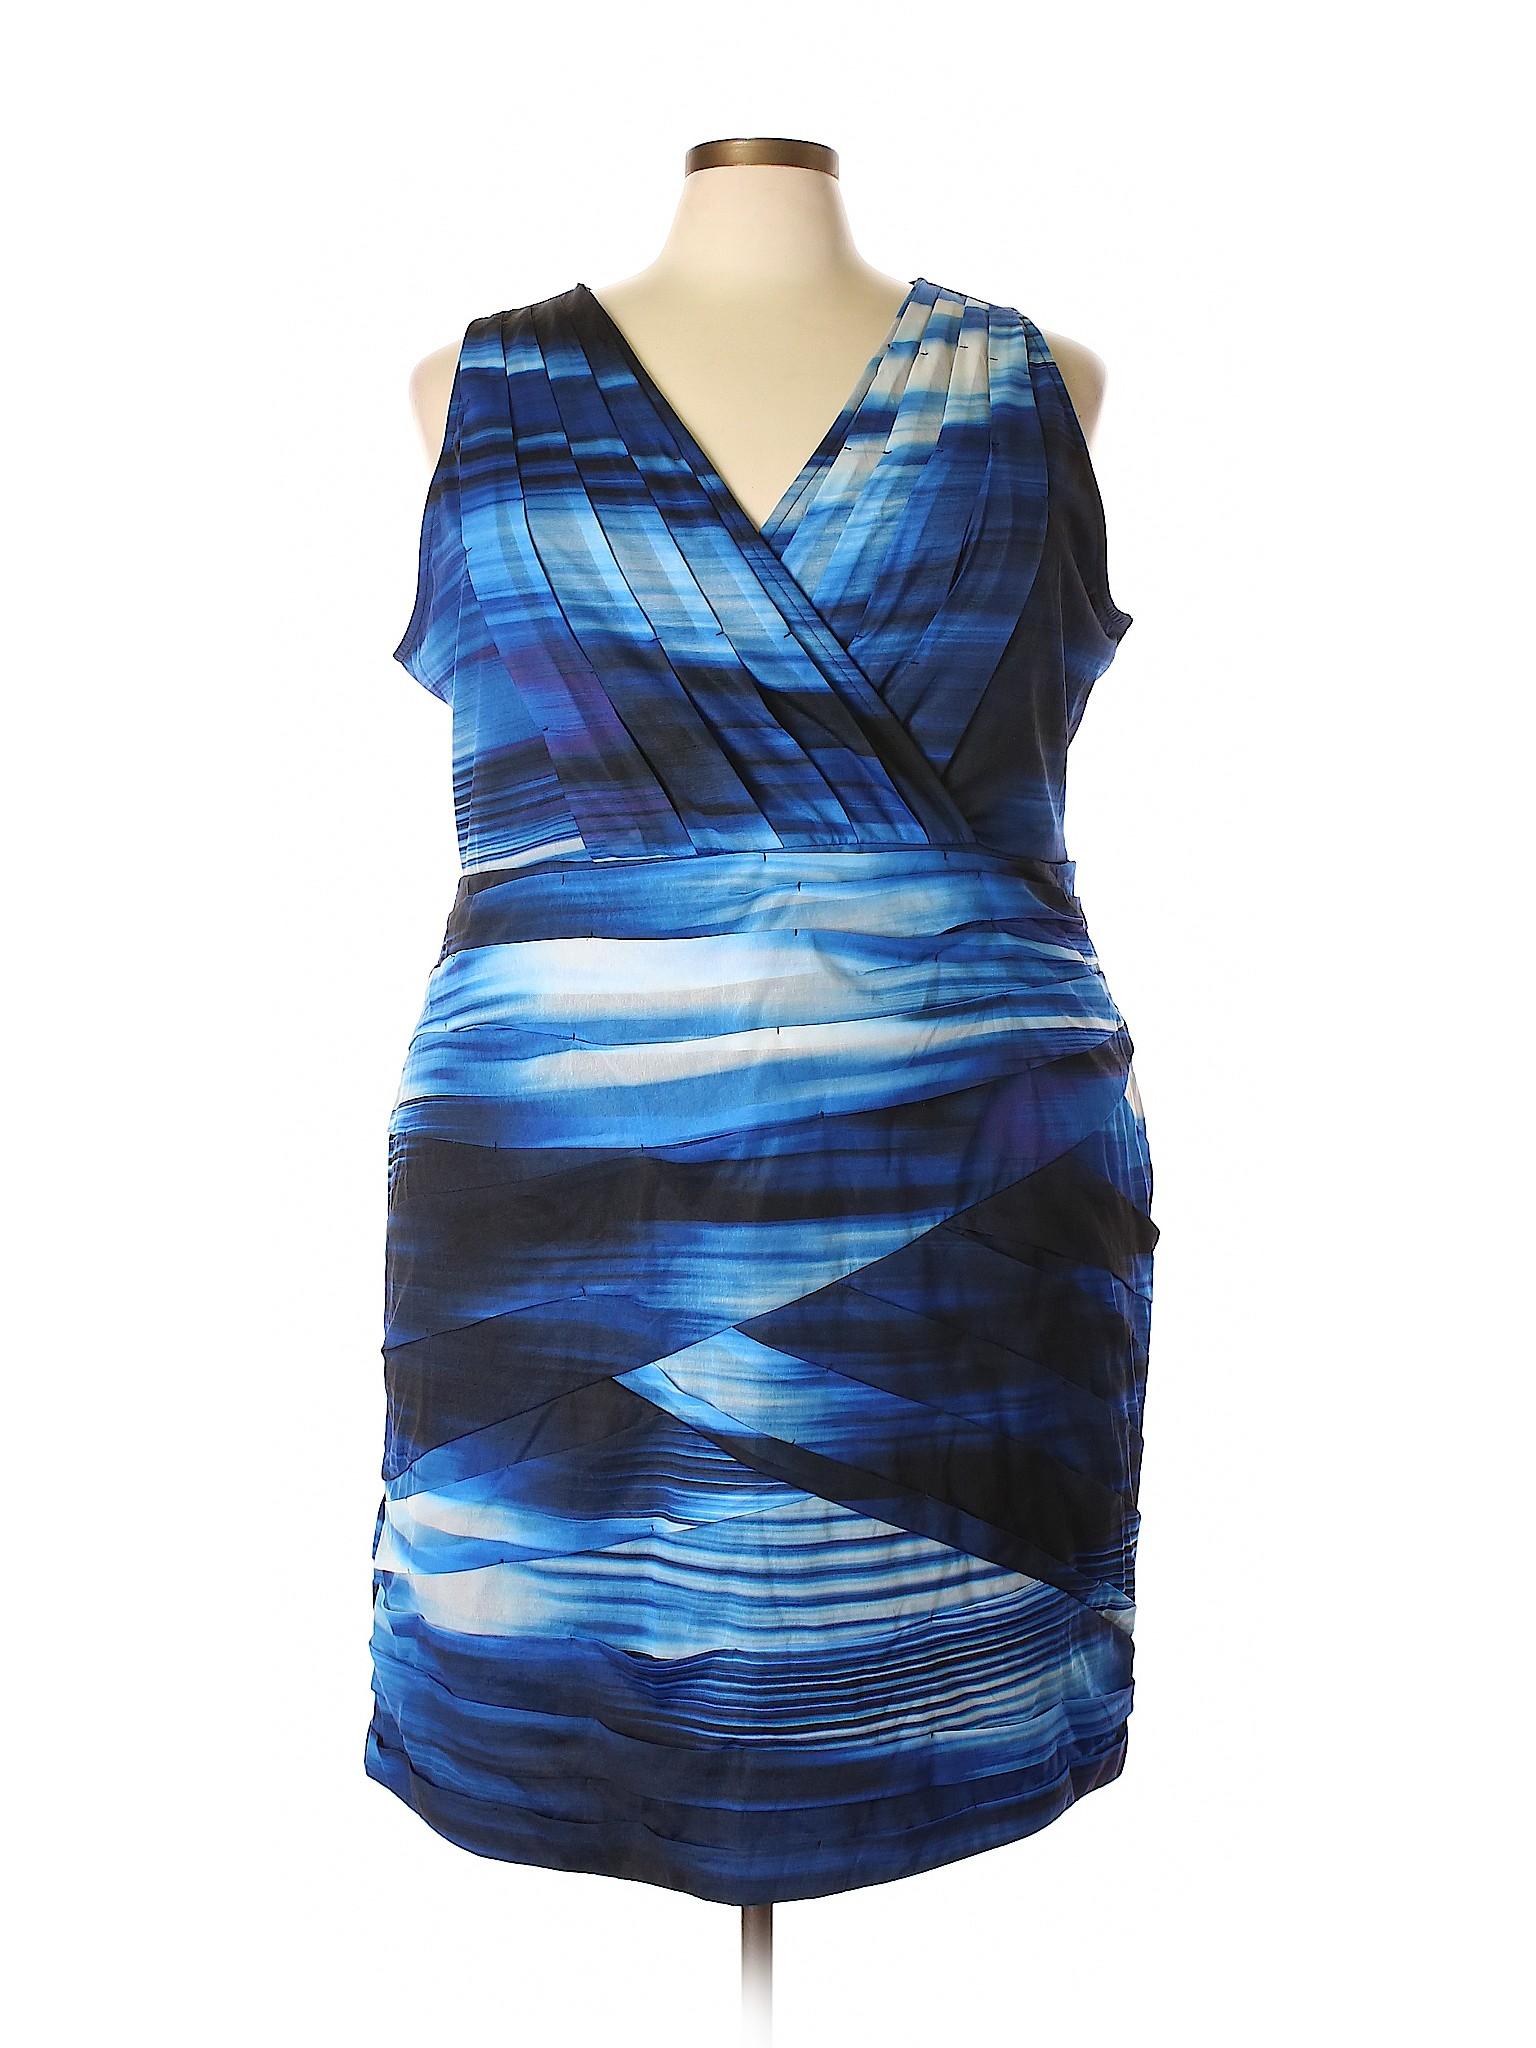 Boutique Dress Bryant Casual Lane winter HqzwrT0H